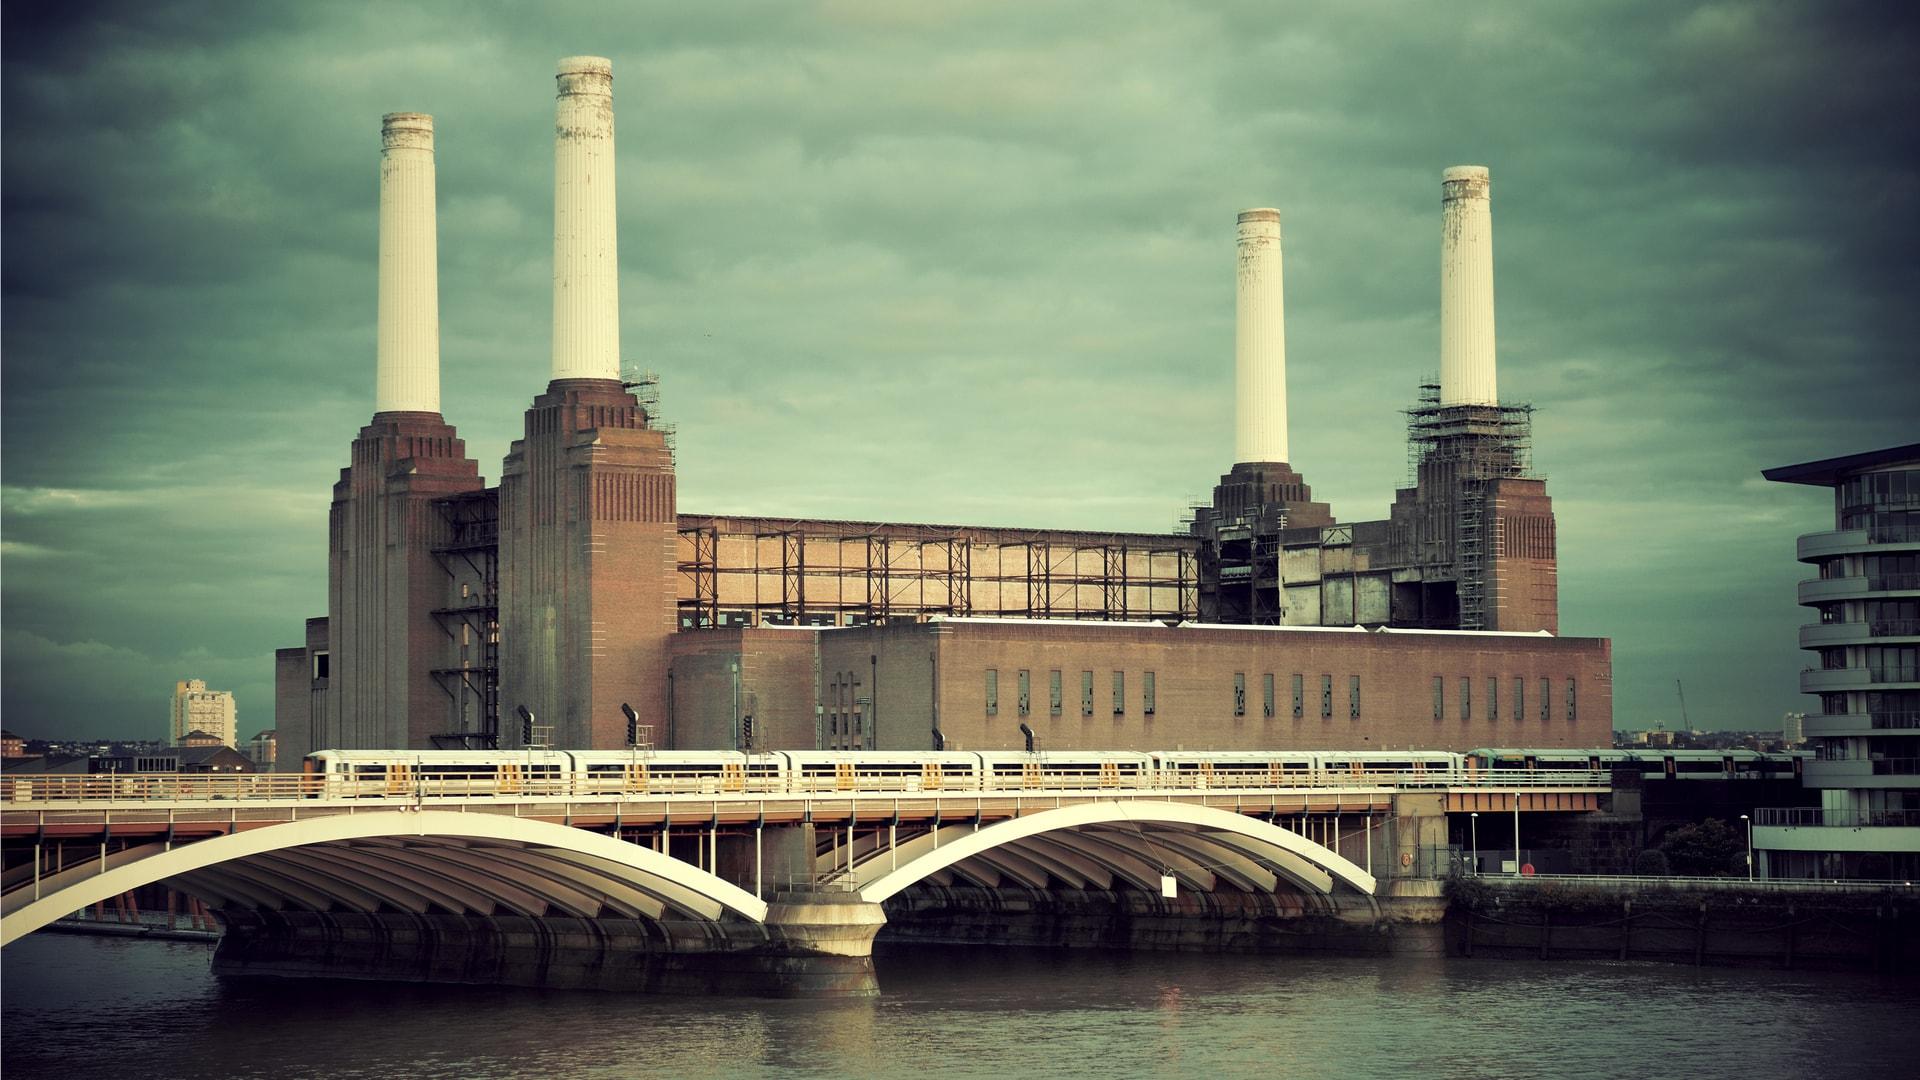 Elektrownia Battersea jest znana miłośnikom muzyki z okładki płyty Pink Floyd.